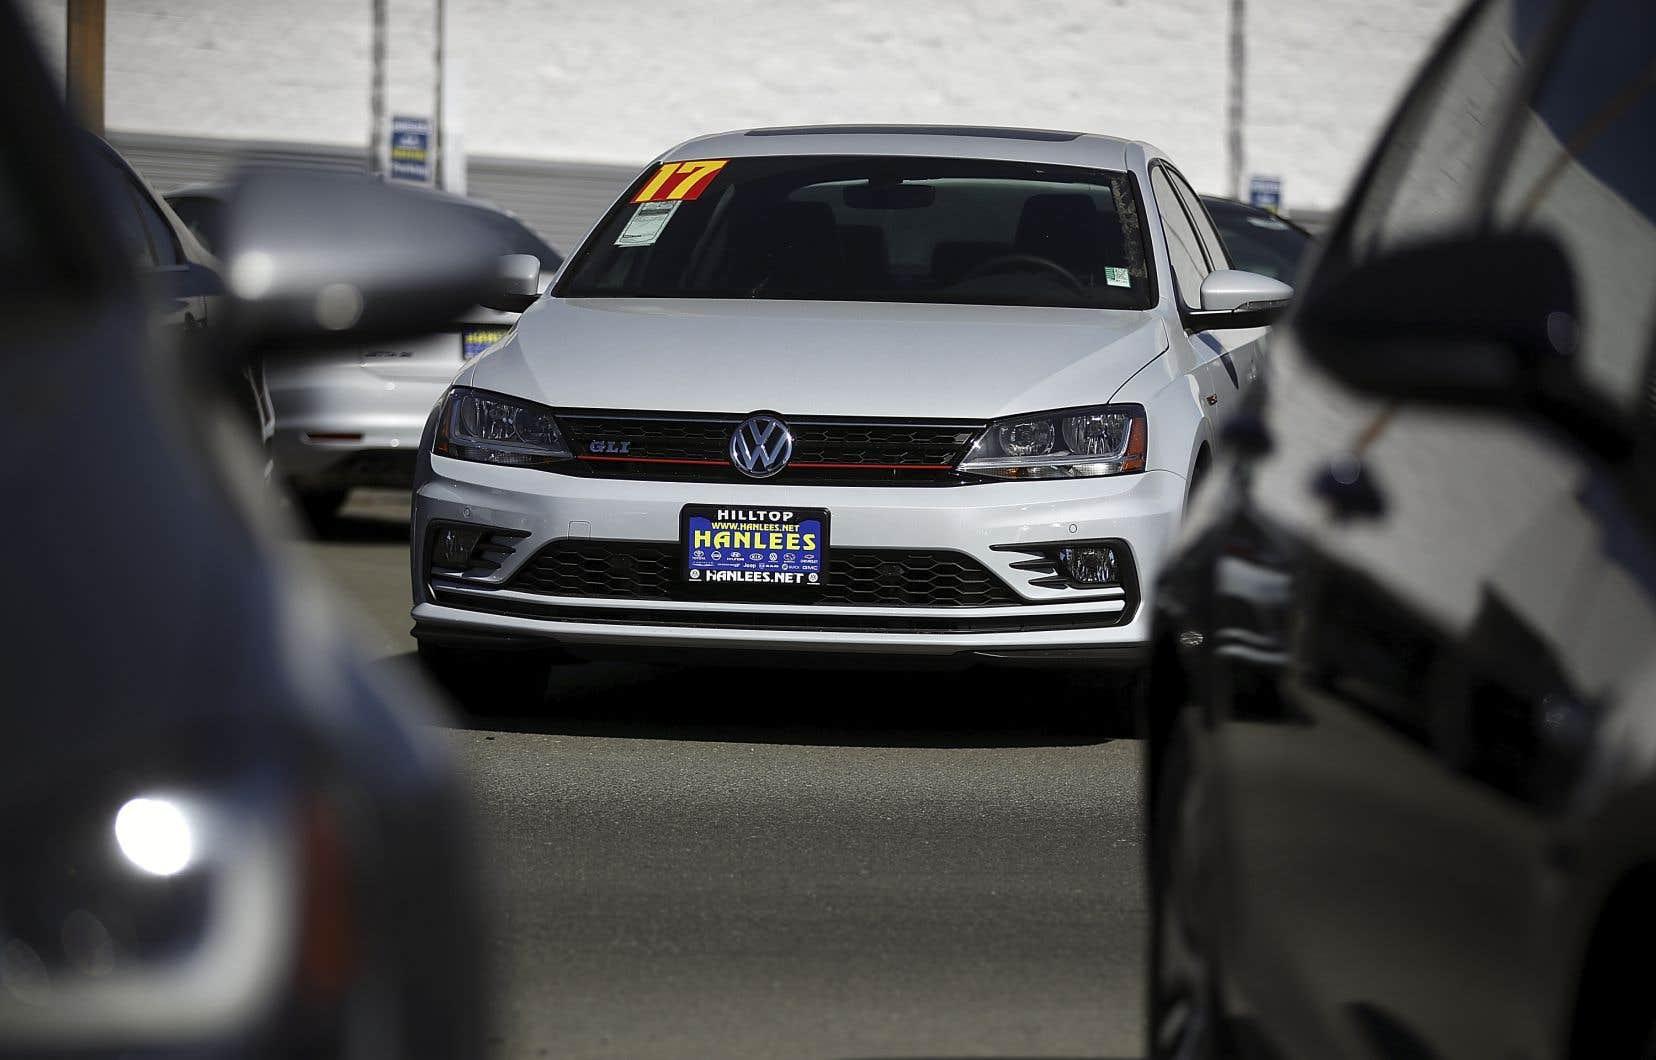 Aux États-Unis, le constructeur allemand Volkswagen avait déboursé plus de 22milliards de dollars en dédommagements à quelque 600000 clients. Les client européens n'avaient rien reçu.